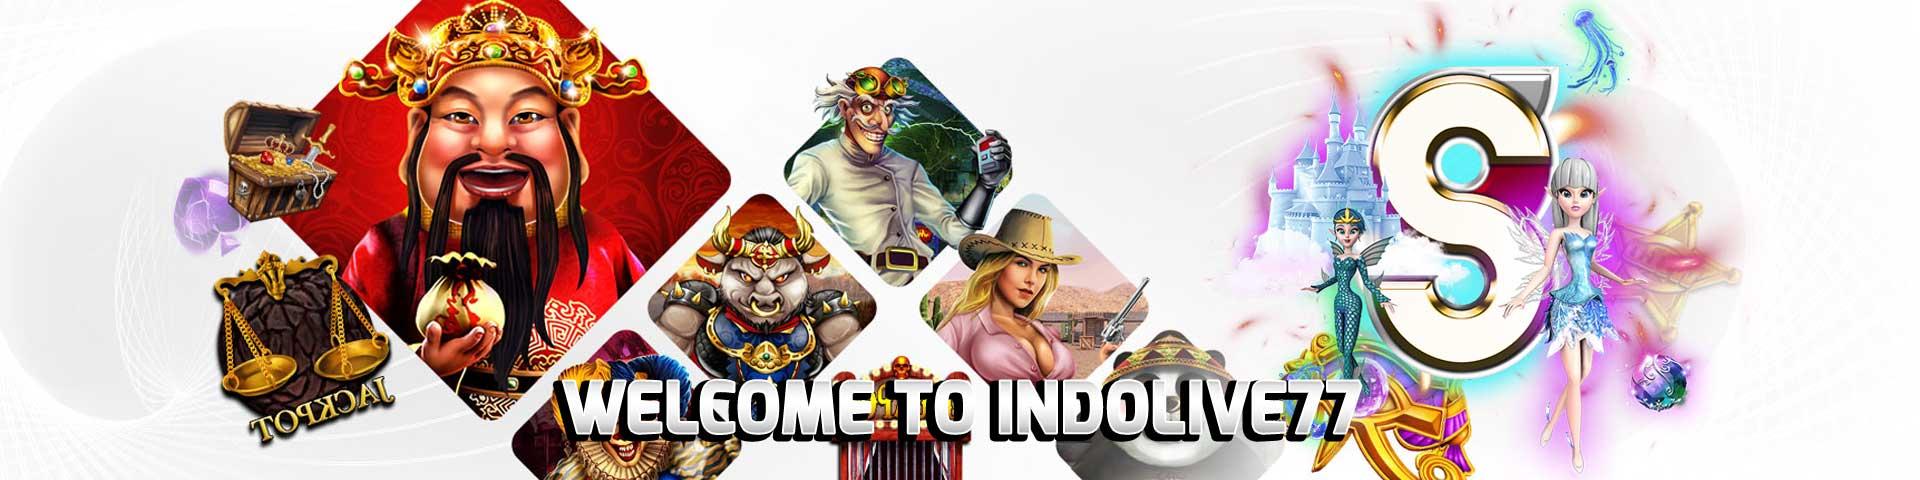 Gaming Soft Platform Situs Judi Game Slot Online Terlengkap di Indonesia